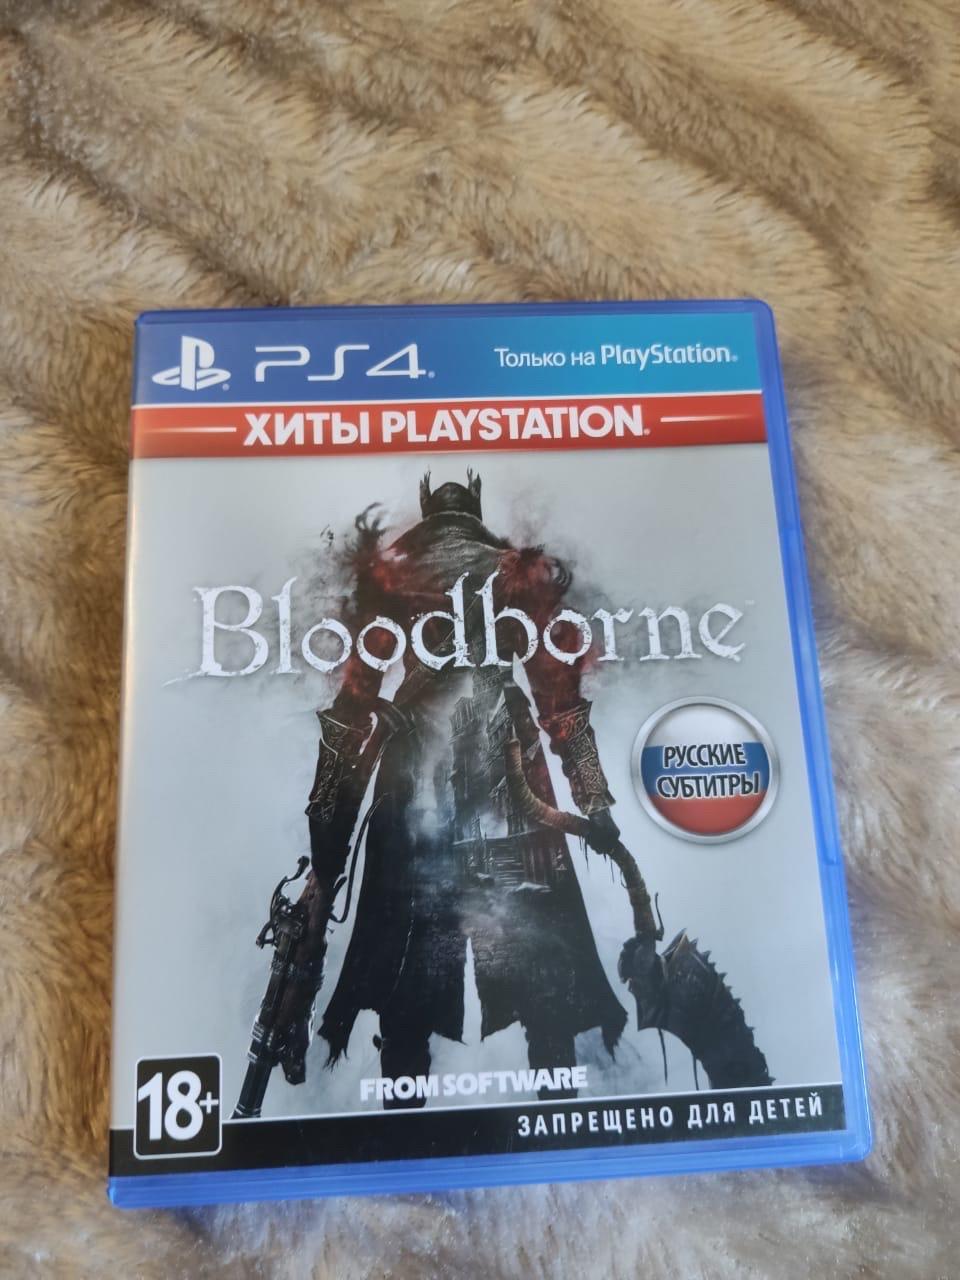 Bloodborne Ps4 в Москве 89266884320 купить 1